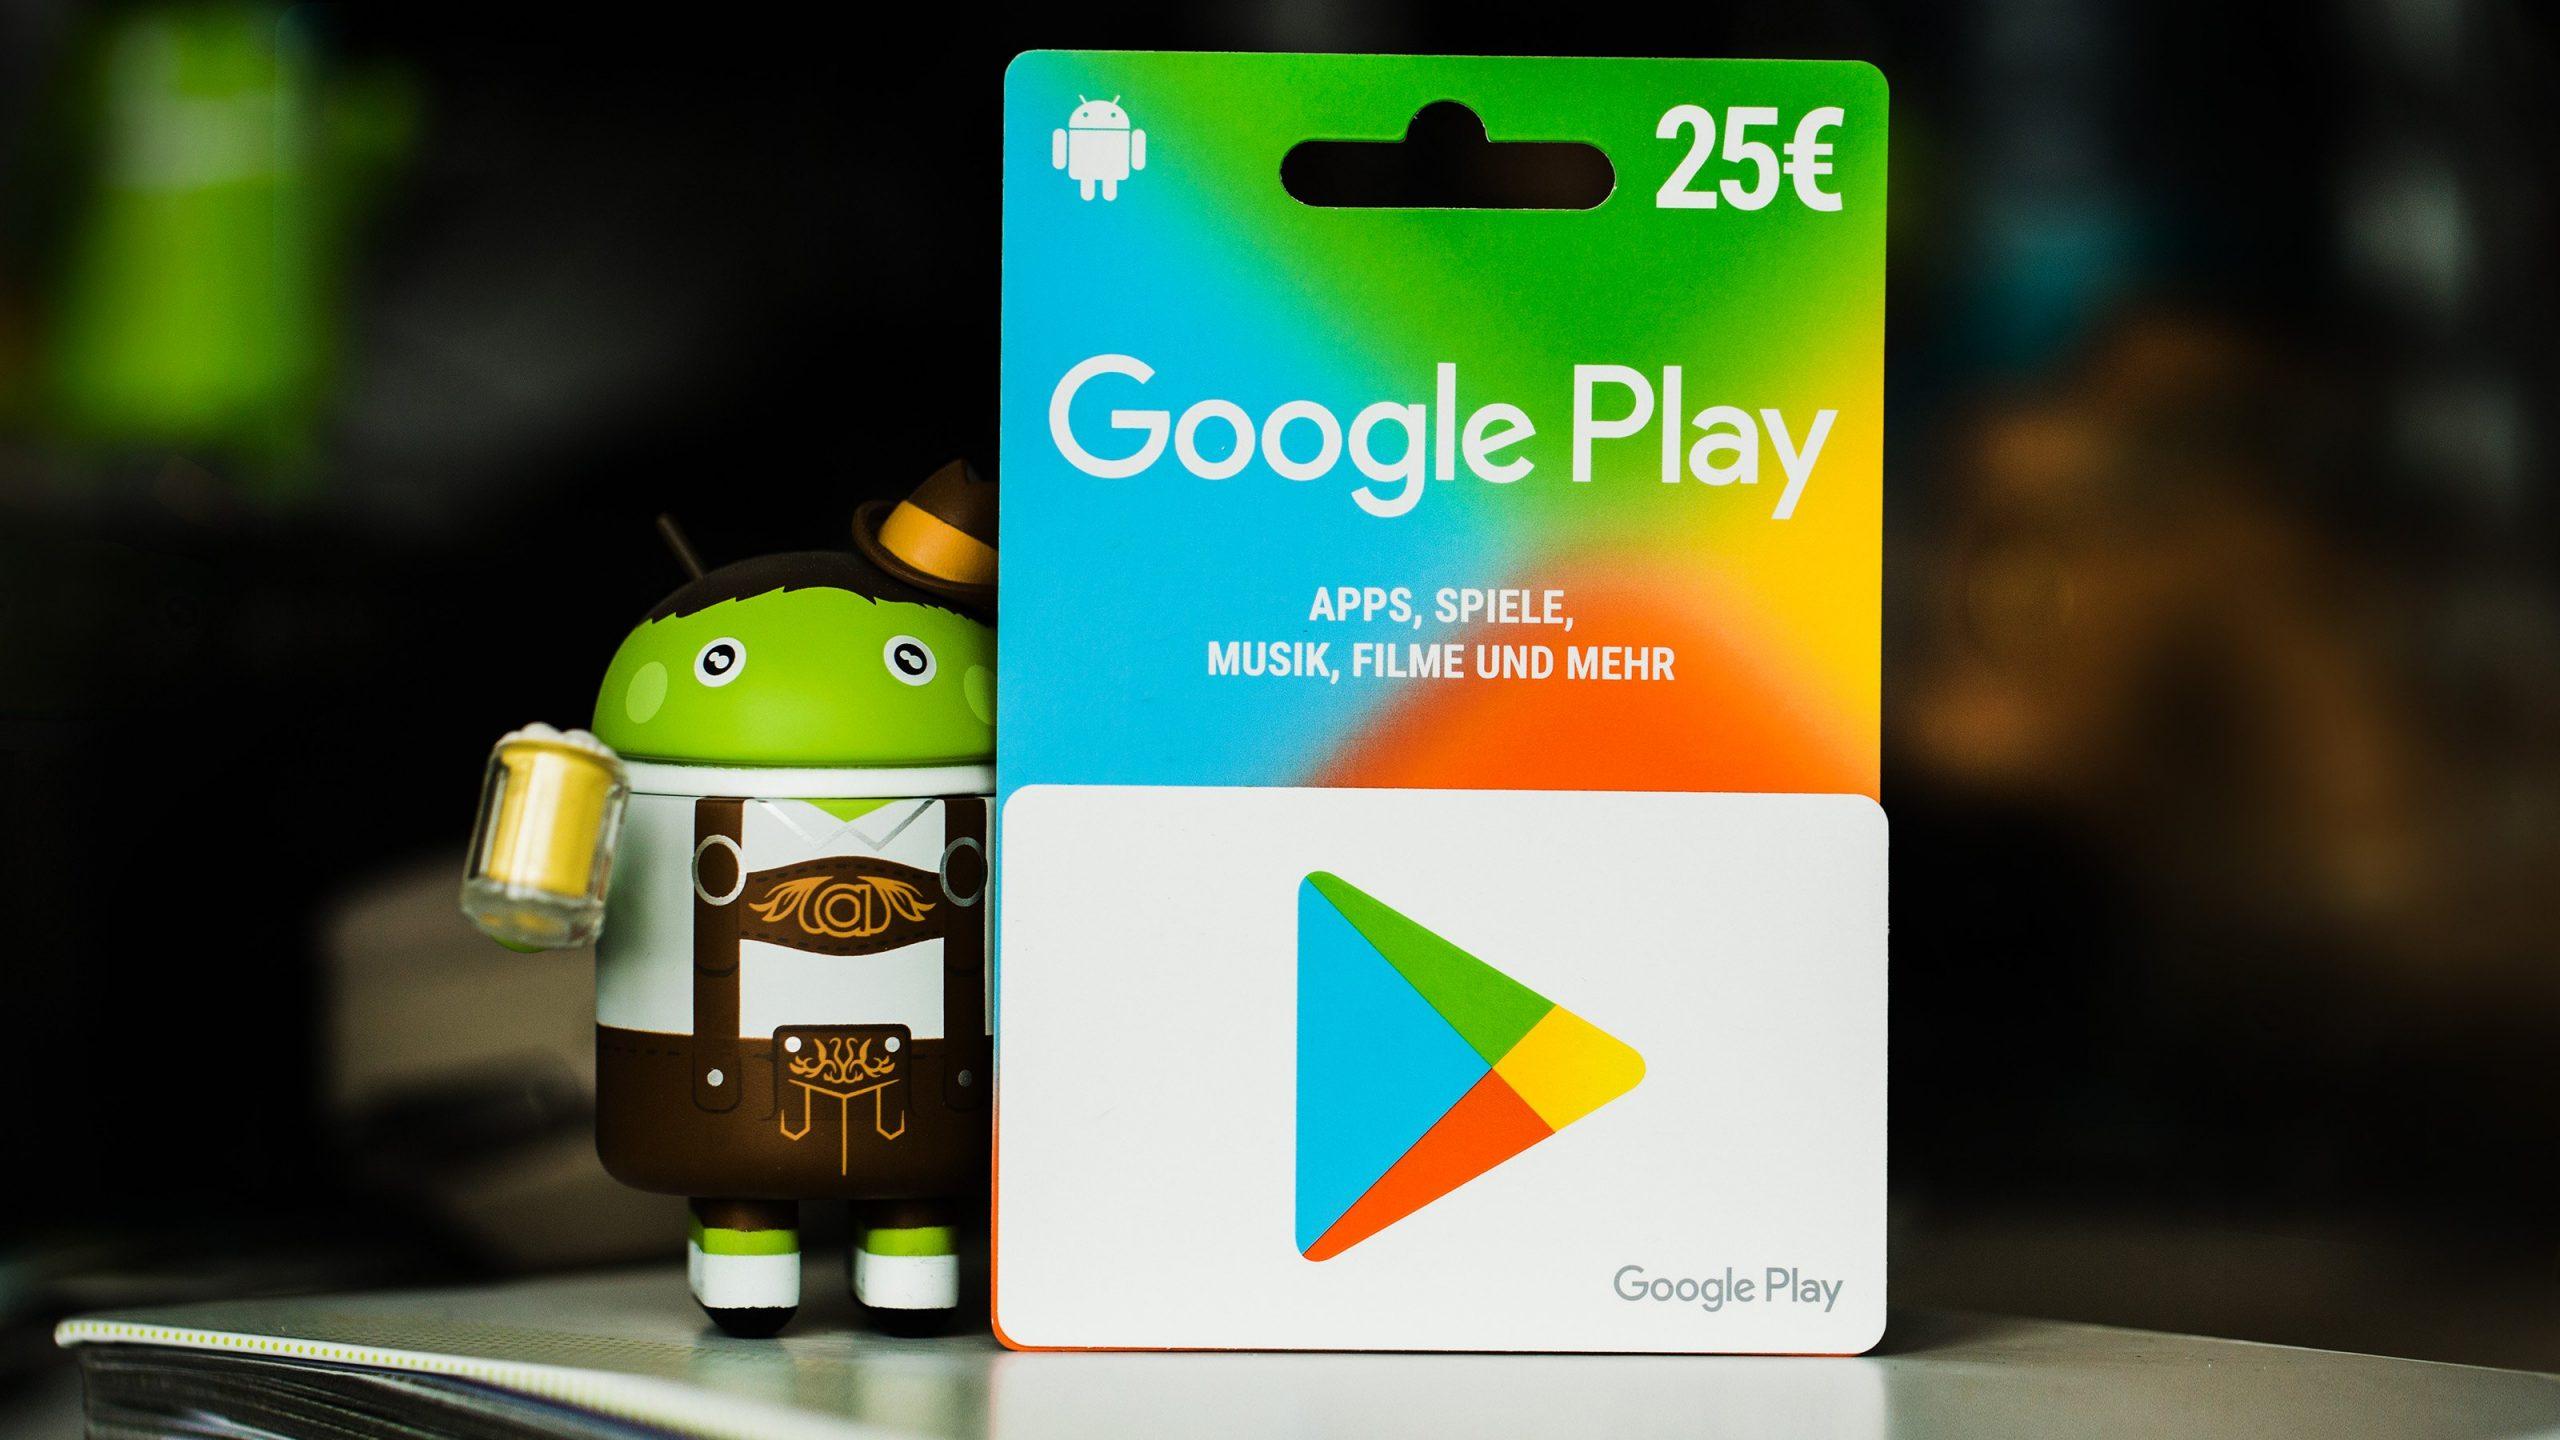 Pembaca AndroidPIT tidak membayar !!!  25 aplikasi dan game gratis di Google Play